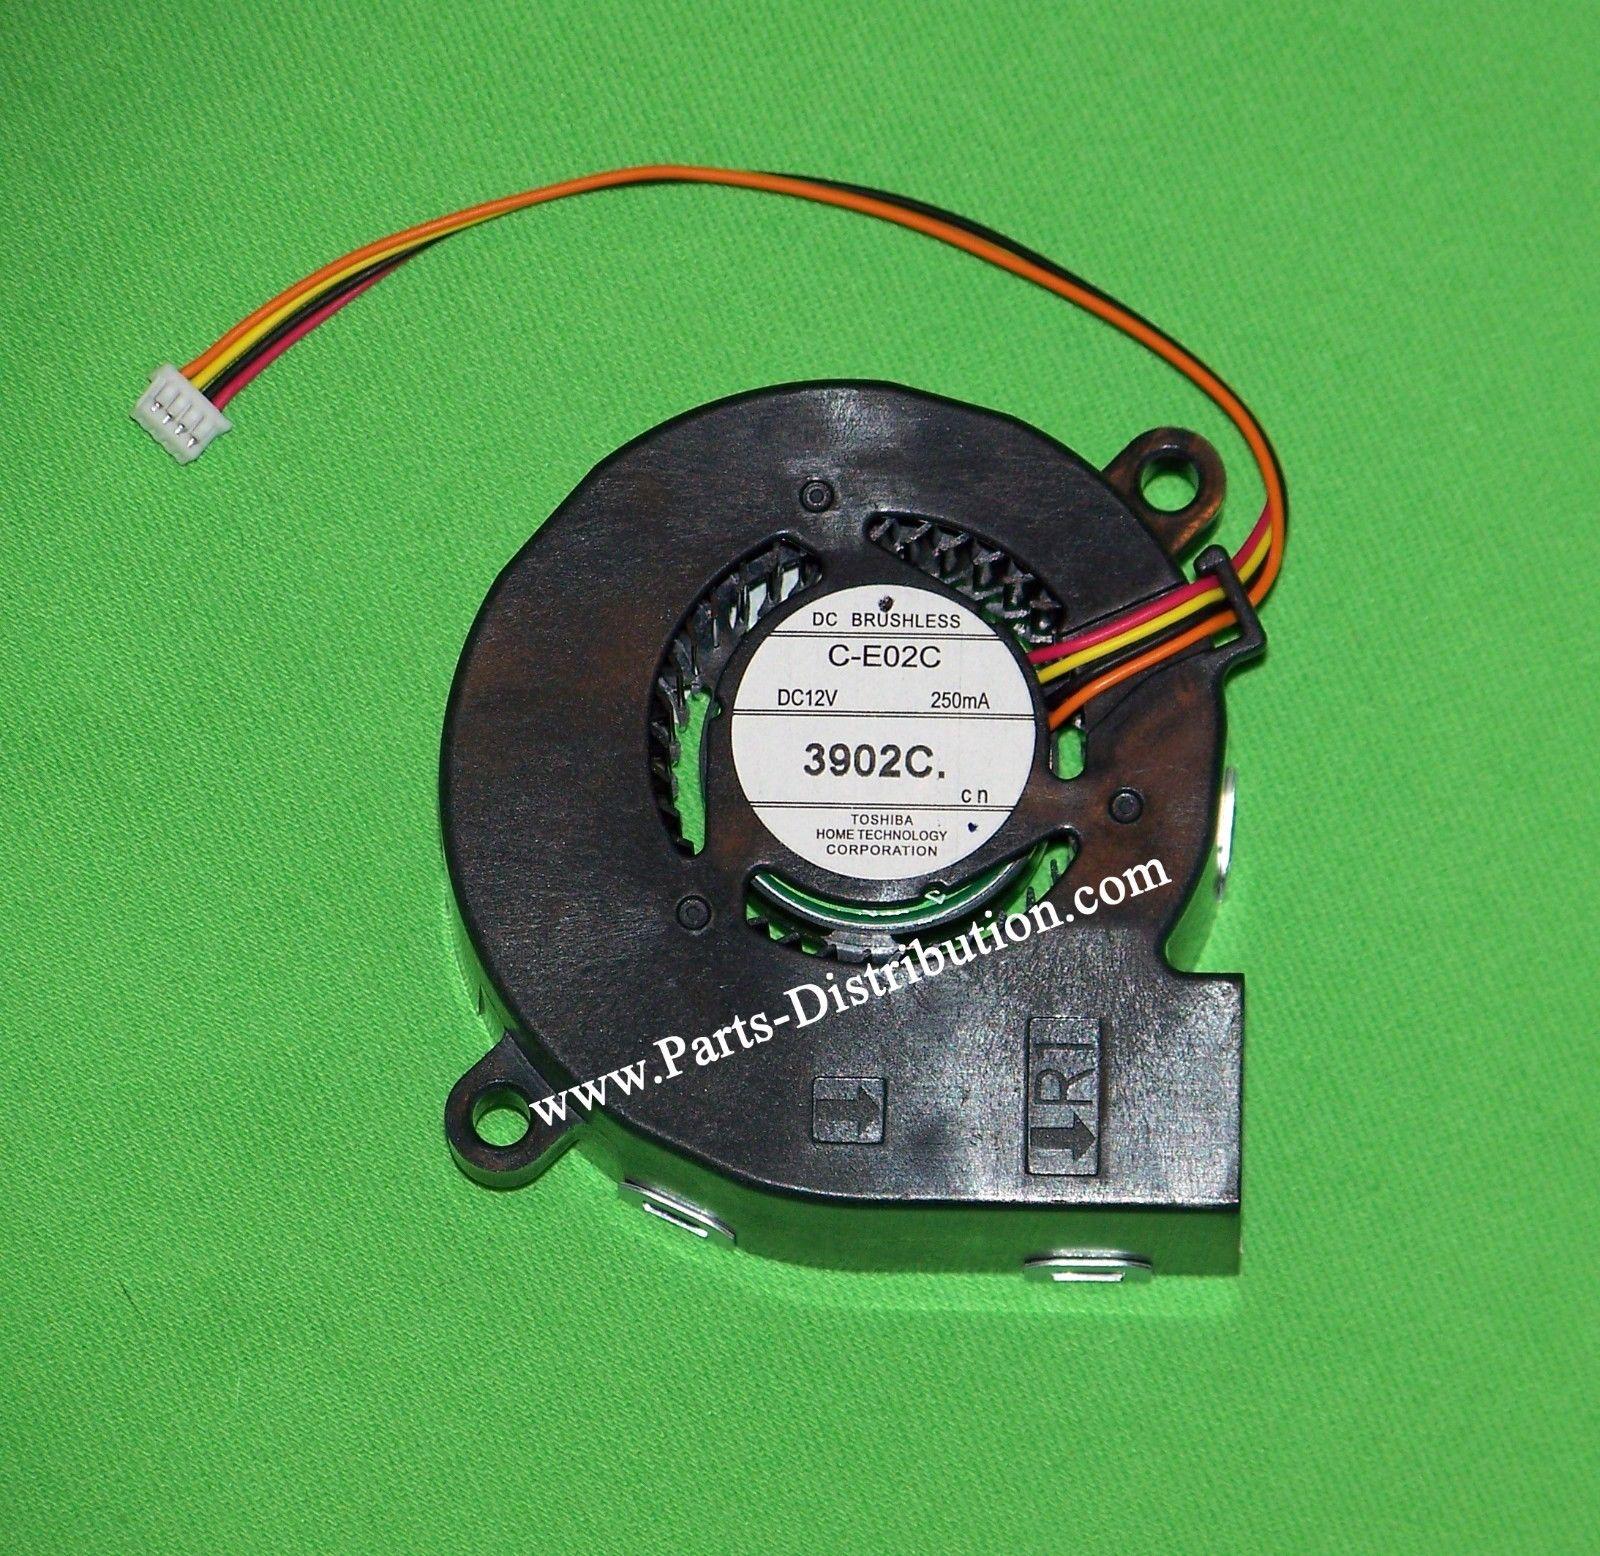 425W 1880 1850W 420 Epson Projector Fan Intake: PowerLite 1835 430 435W